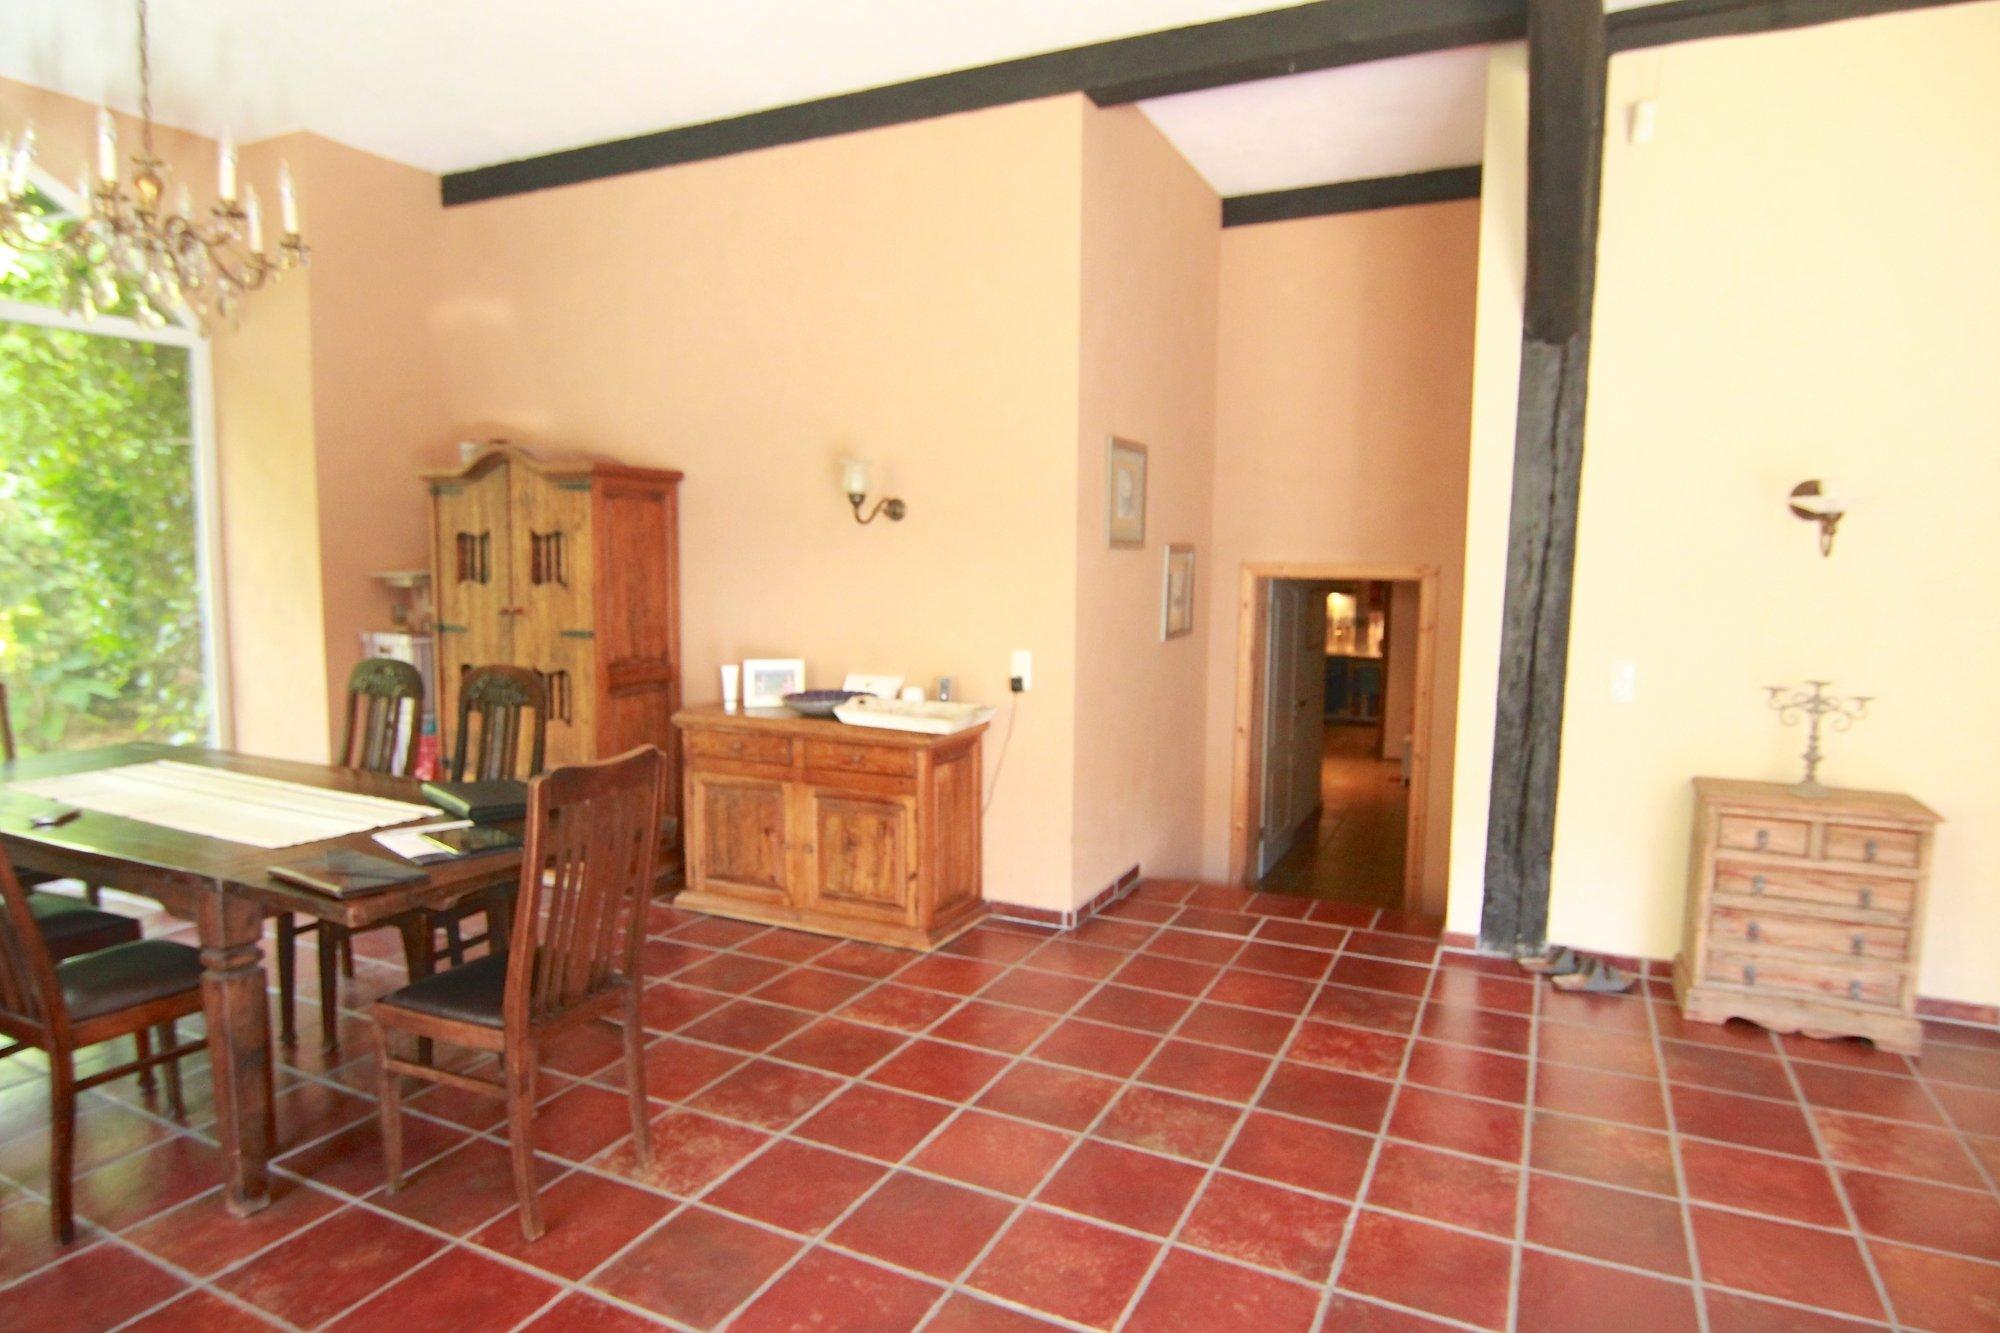 Wohnzimmerbereich - Blick zum Flur